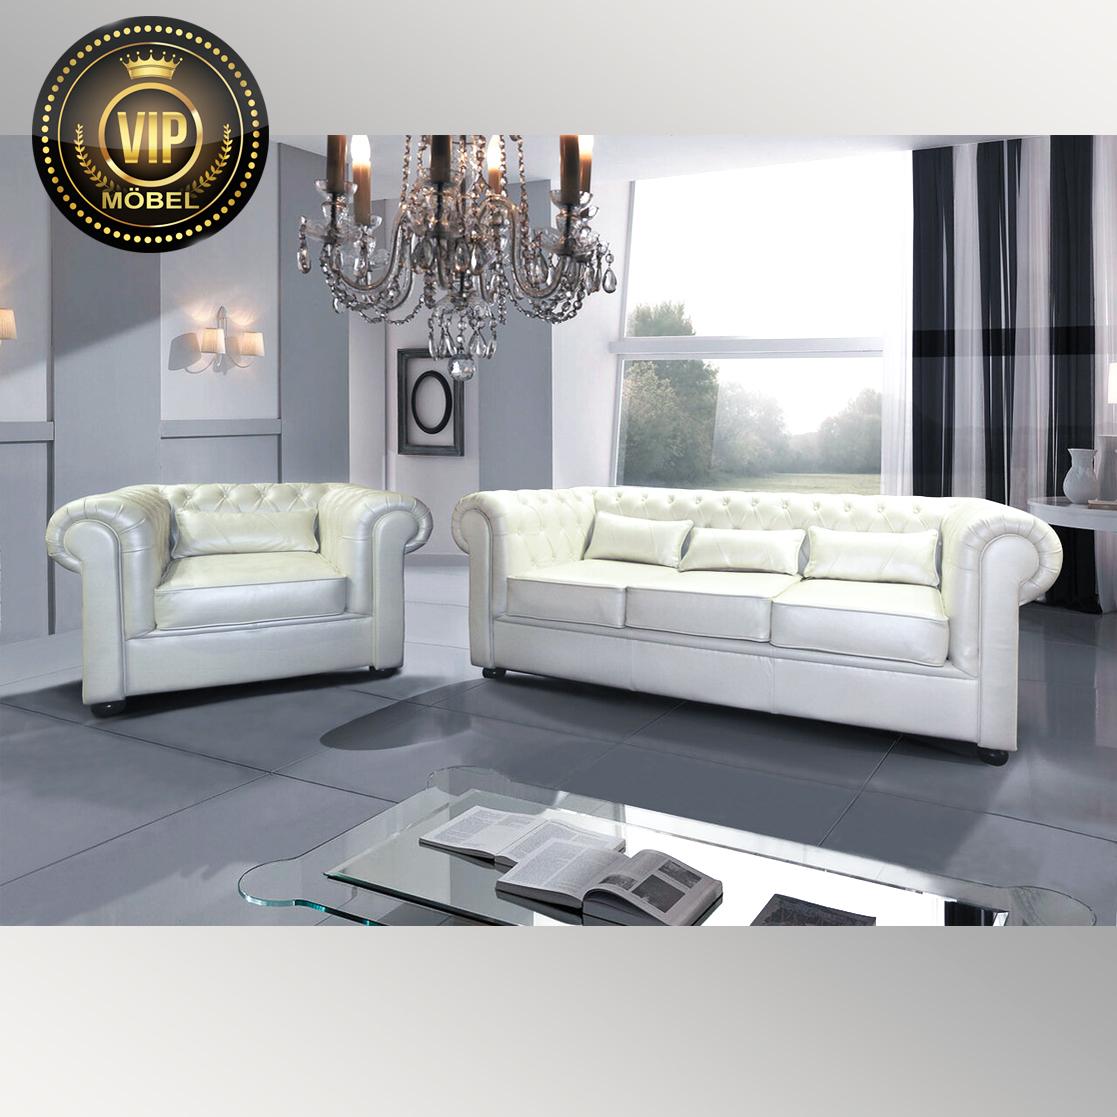 polstergarnitur chesterfield couchgarnitur leder beige englische möbel